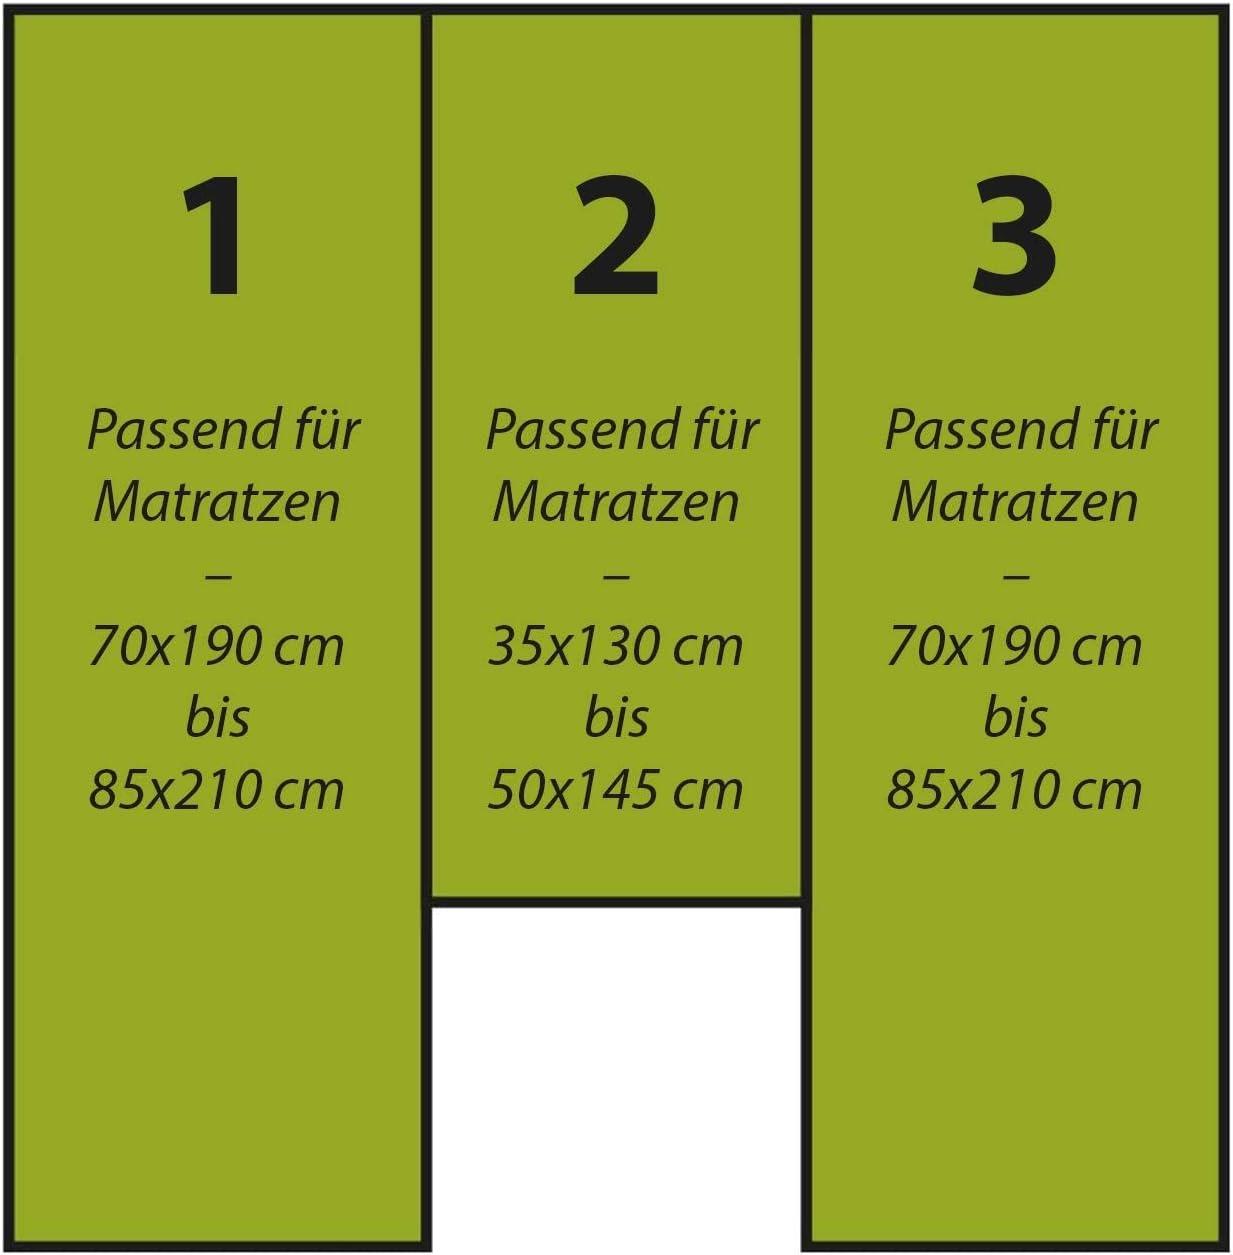 G Bettwarenshop Wohnmobil Wohnwagen Heckbett Spannbetttuch Set 3 Teilig Hellblau 2 Längsbetten Mittelteil Küche Haushalt